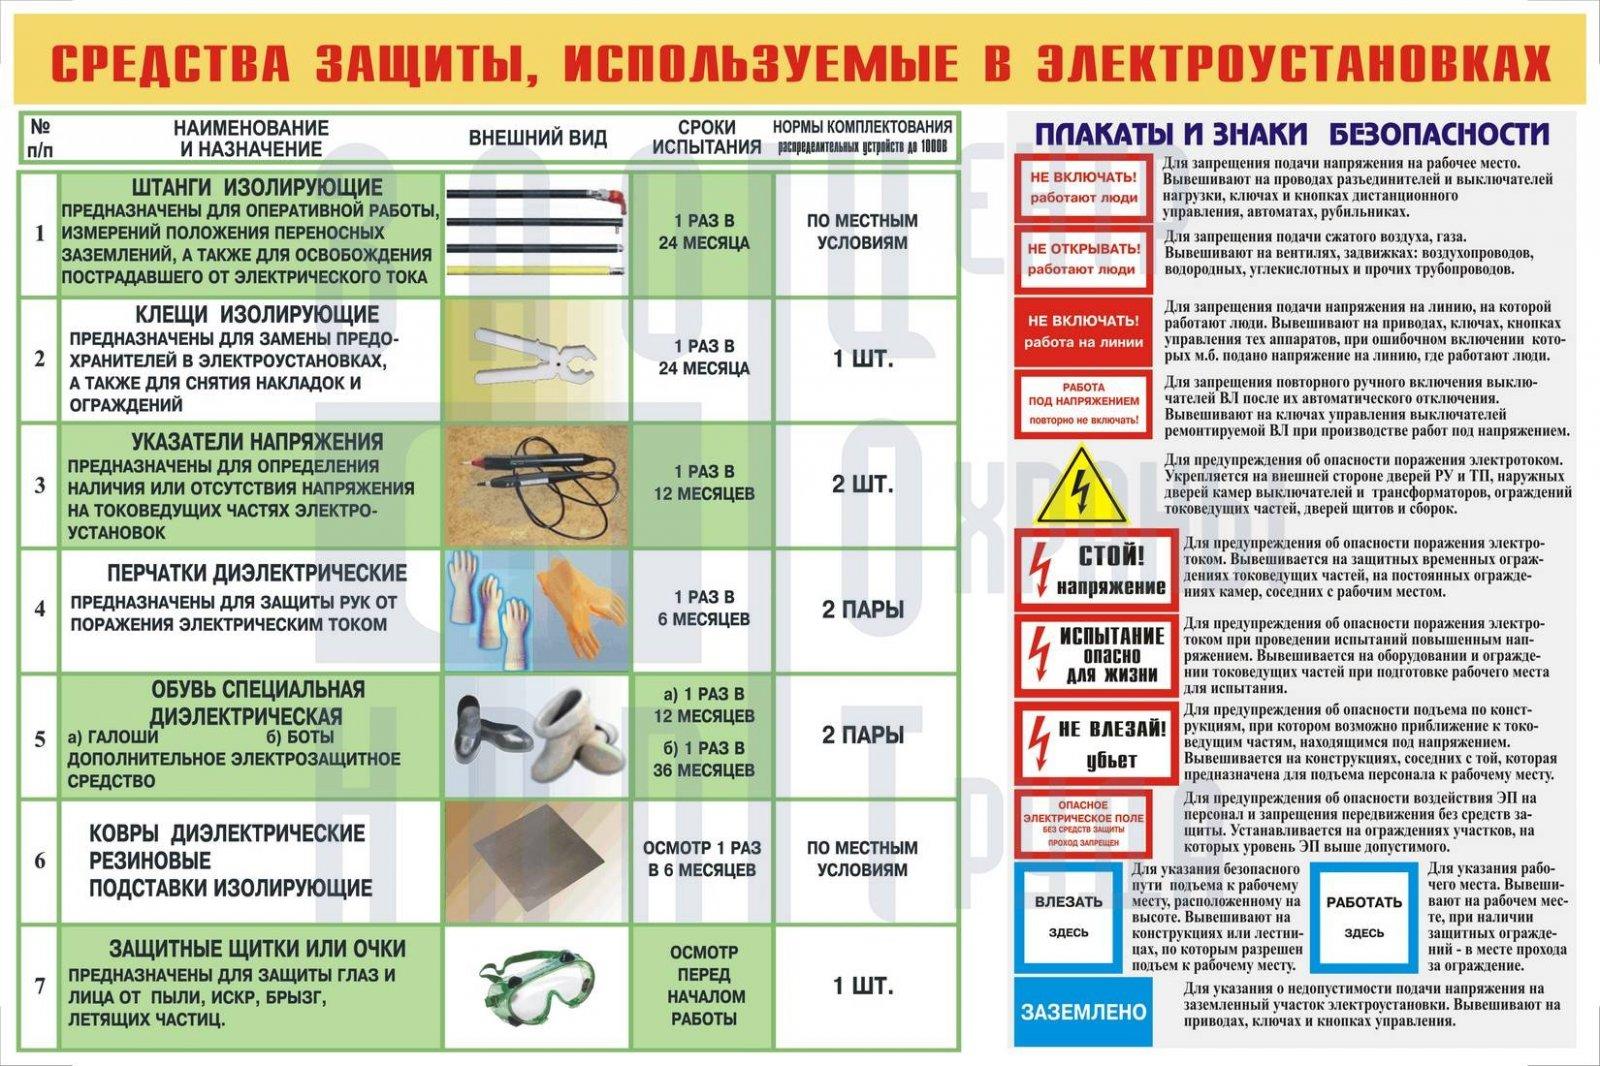 Электробезопасность, ликбез для начинающих электриков.